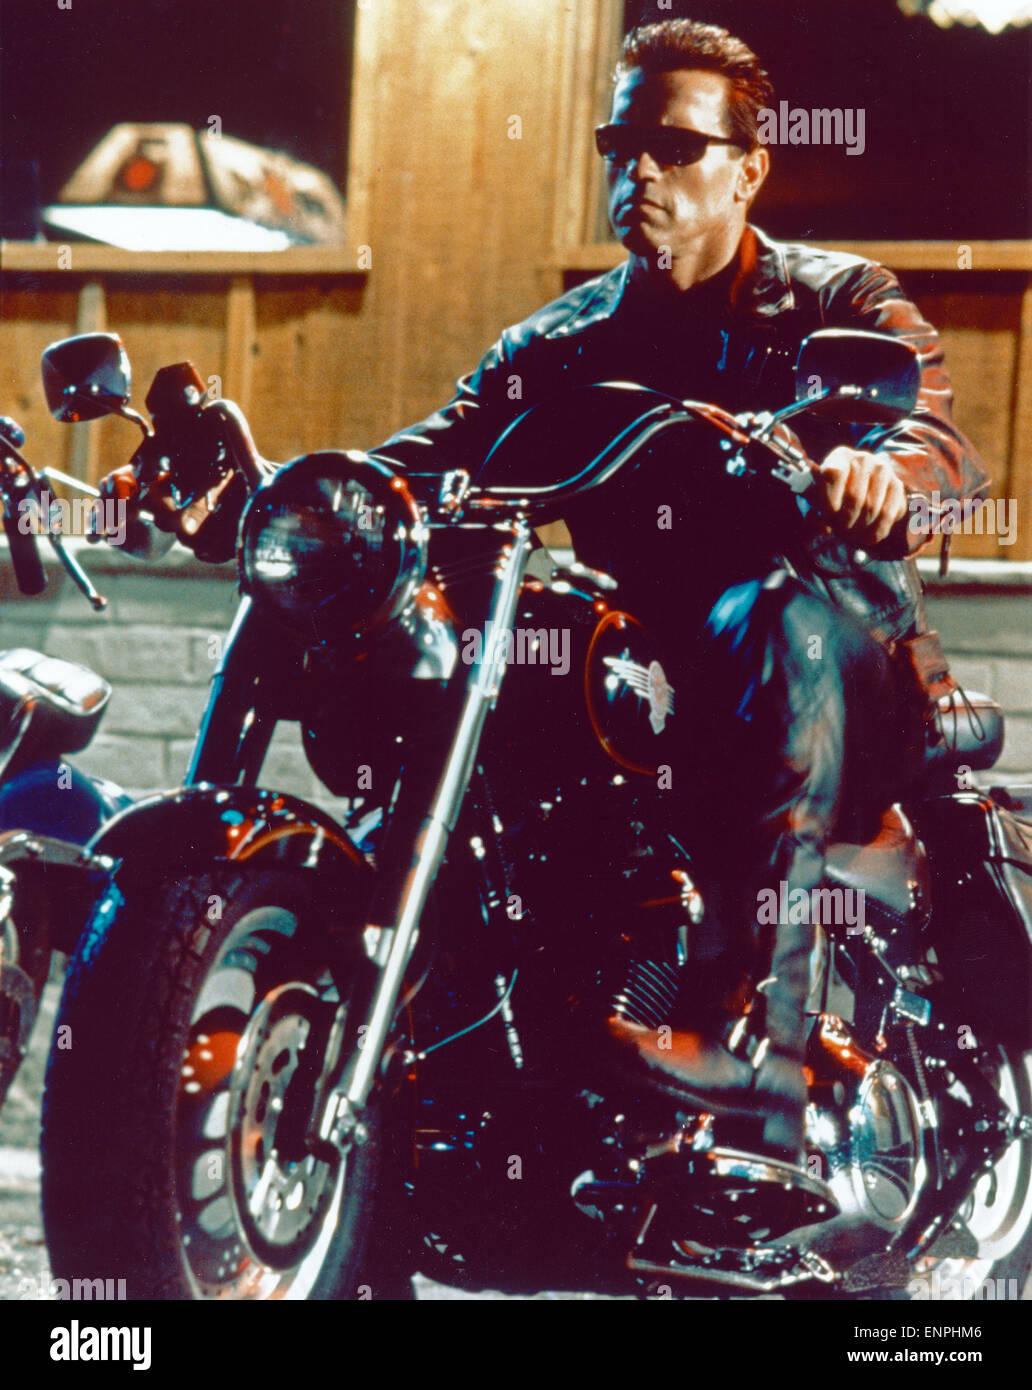 Terminator 2: Judgment Day, aka: Terminator 2 - Tag der Abrechnung, USA/Frankreich 1991, Regie: James Cameron, Darsteller: - Stock Image